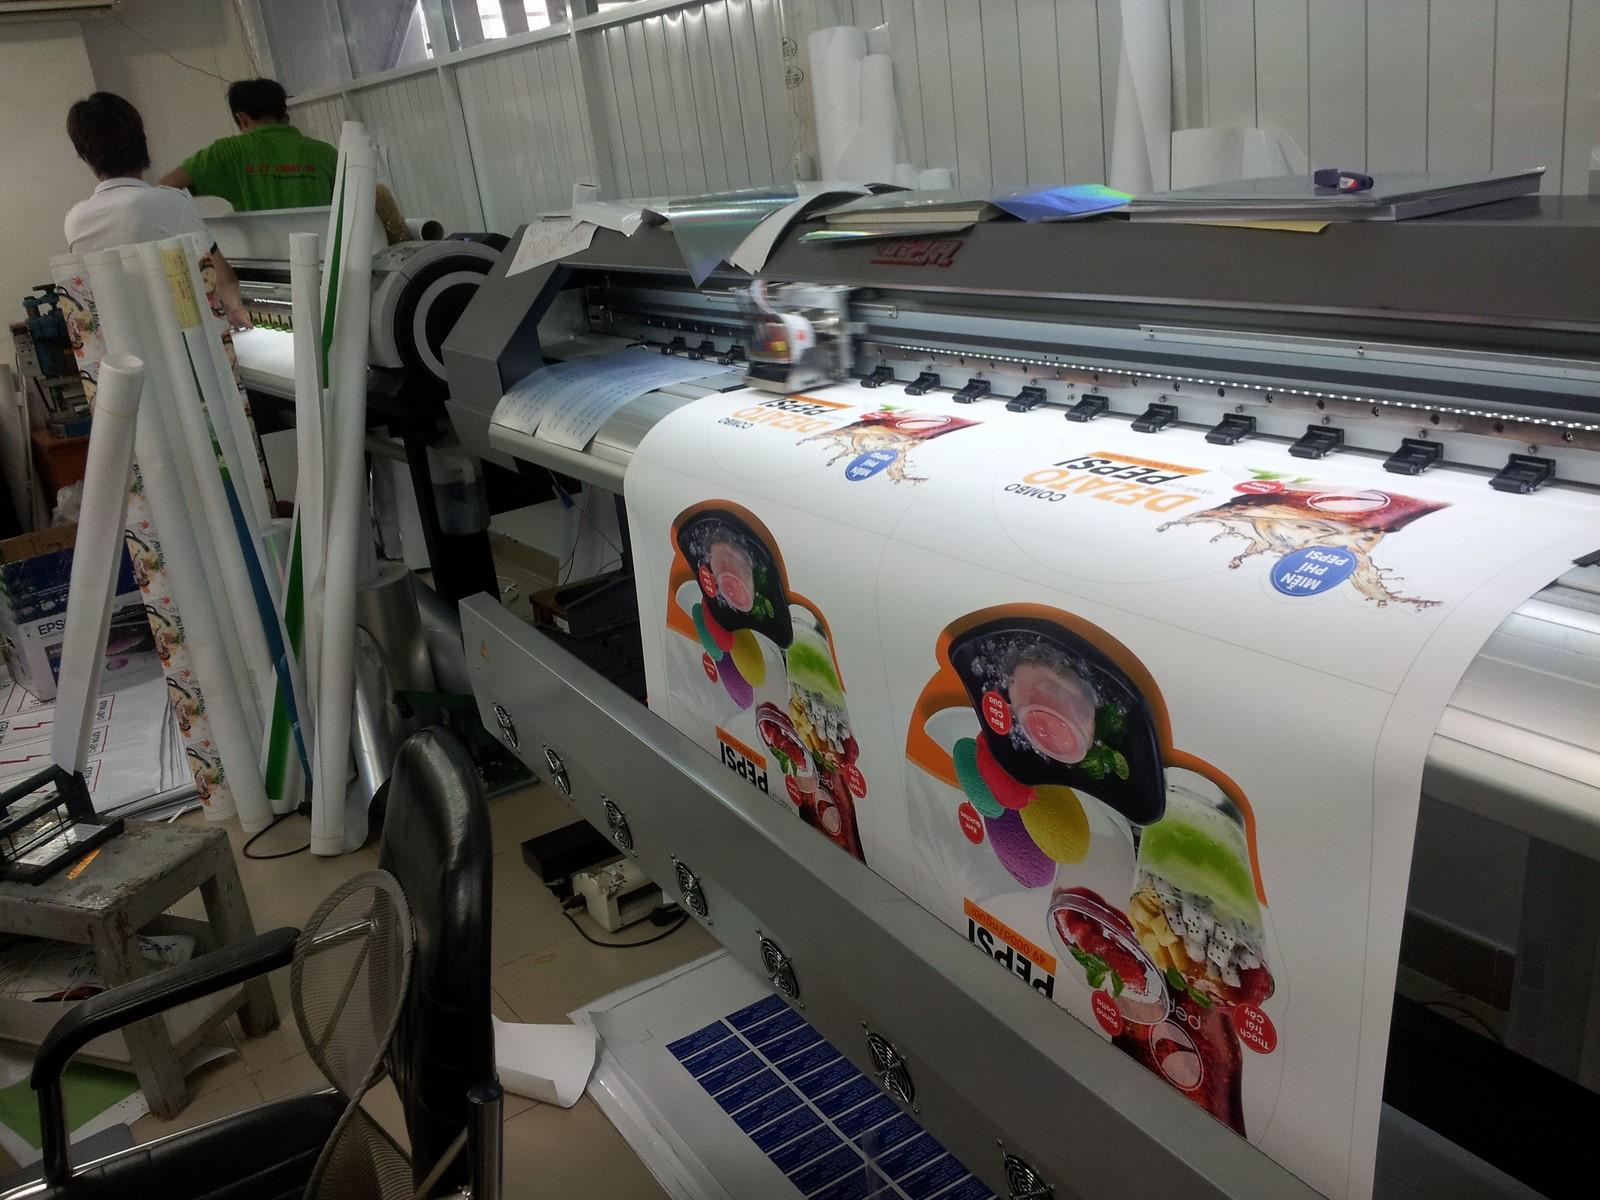 Thực hiện in poster dán kính bằng máy in hiện đại Mimaki Nhật Bản cho thành phẩm siêu đẹp về cả màu sắc, hình ảnh và kích thước